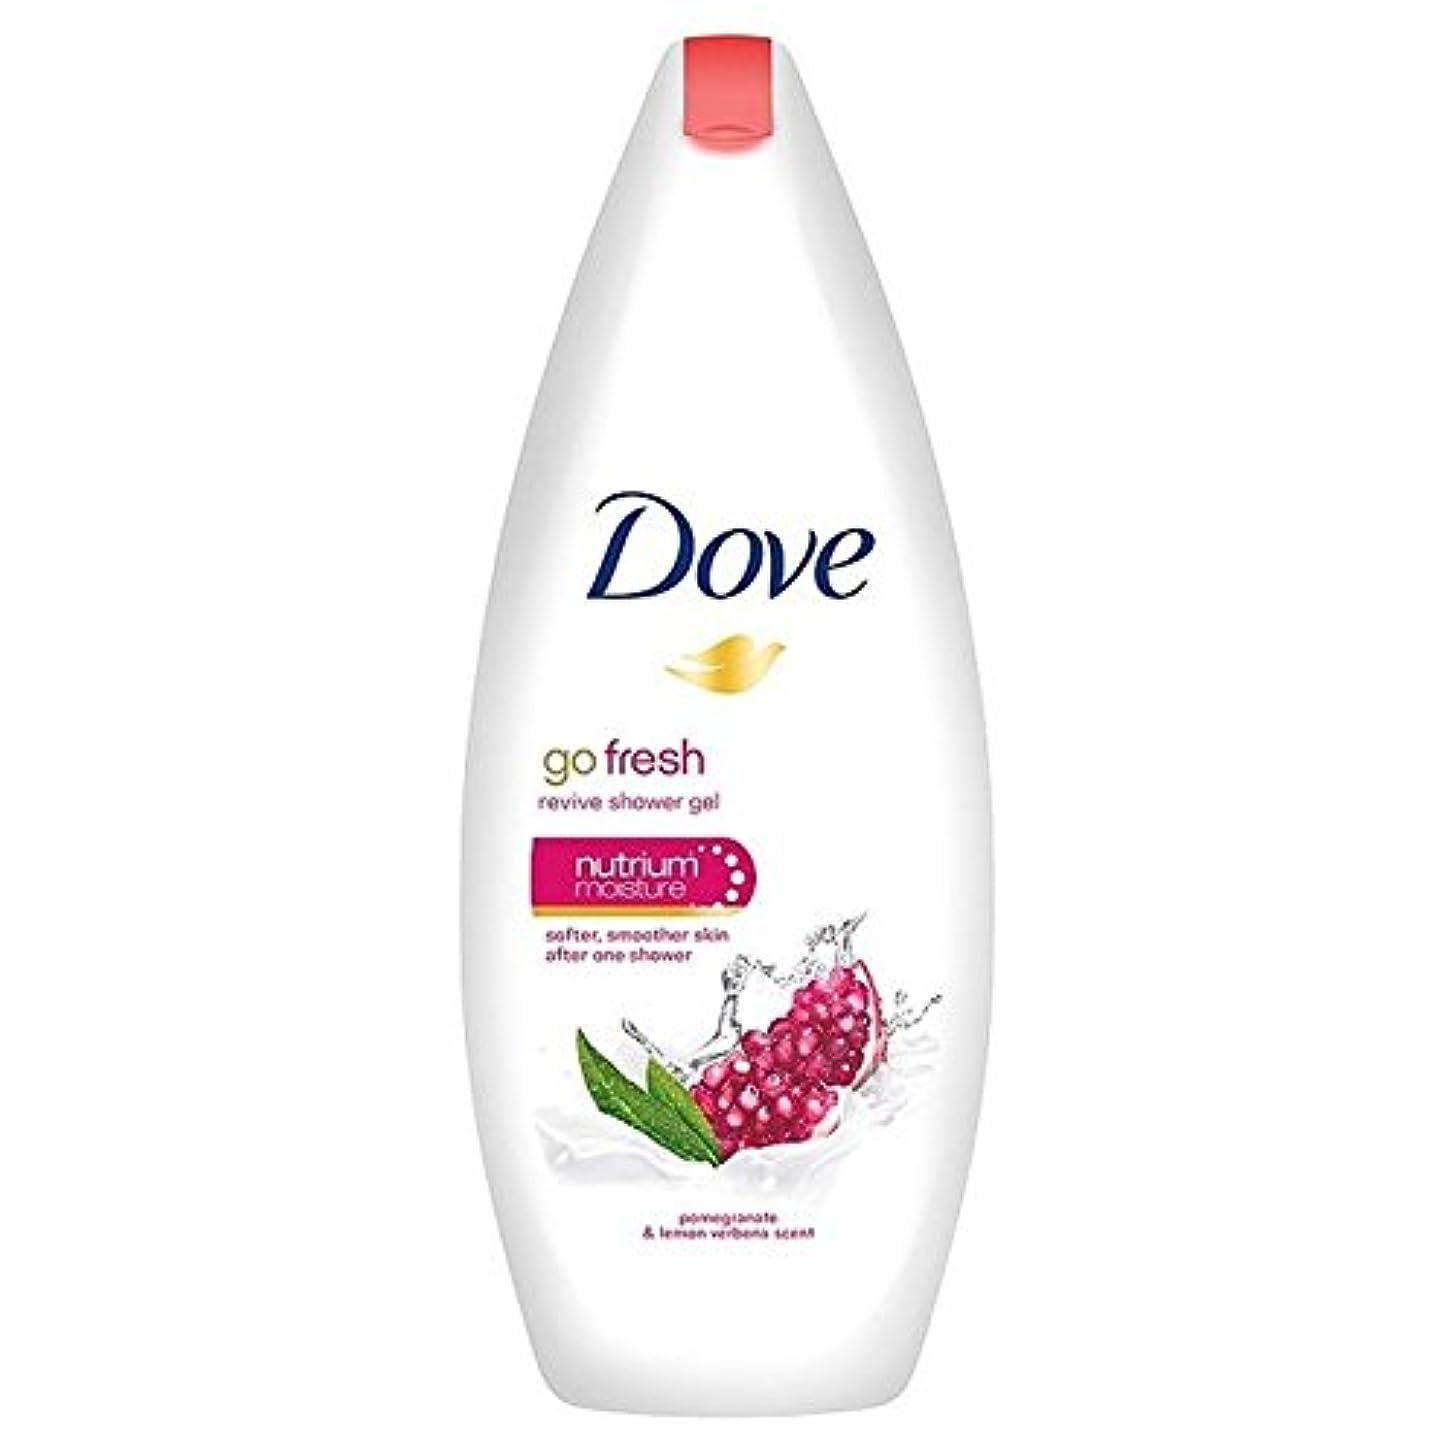 征服時代懲らしめDove Go Fresh Pomegranate Body Wash 250ml - 鳩は、新鮮なザクロボディウォッシュ250ミリリットルを行きます [並行輸入品]